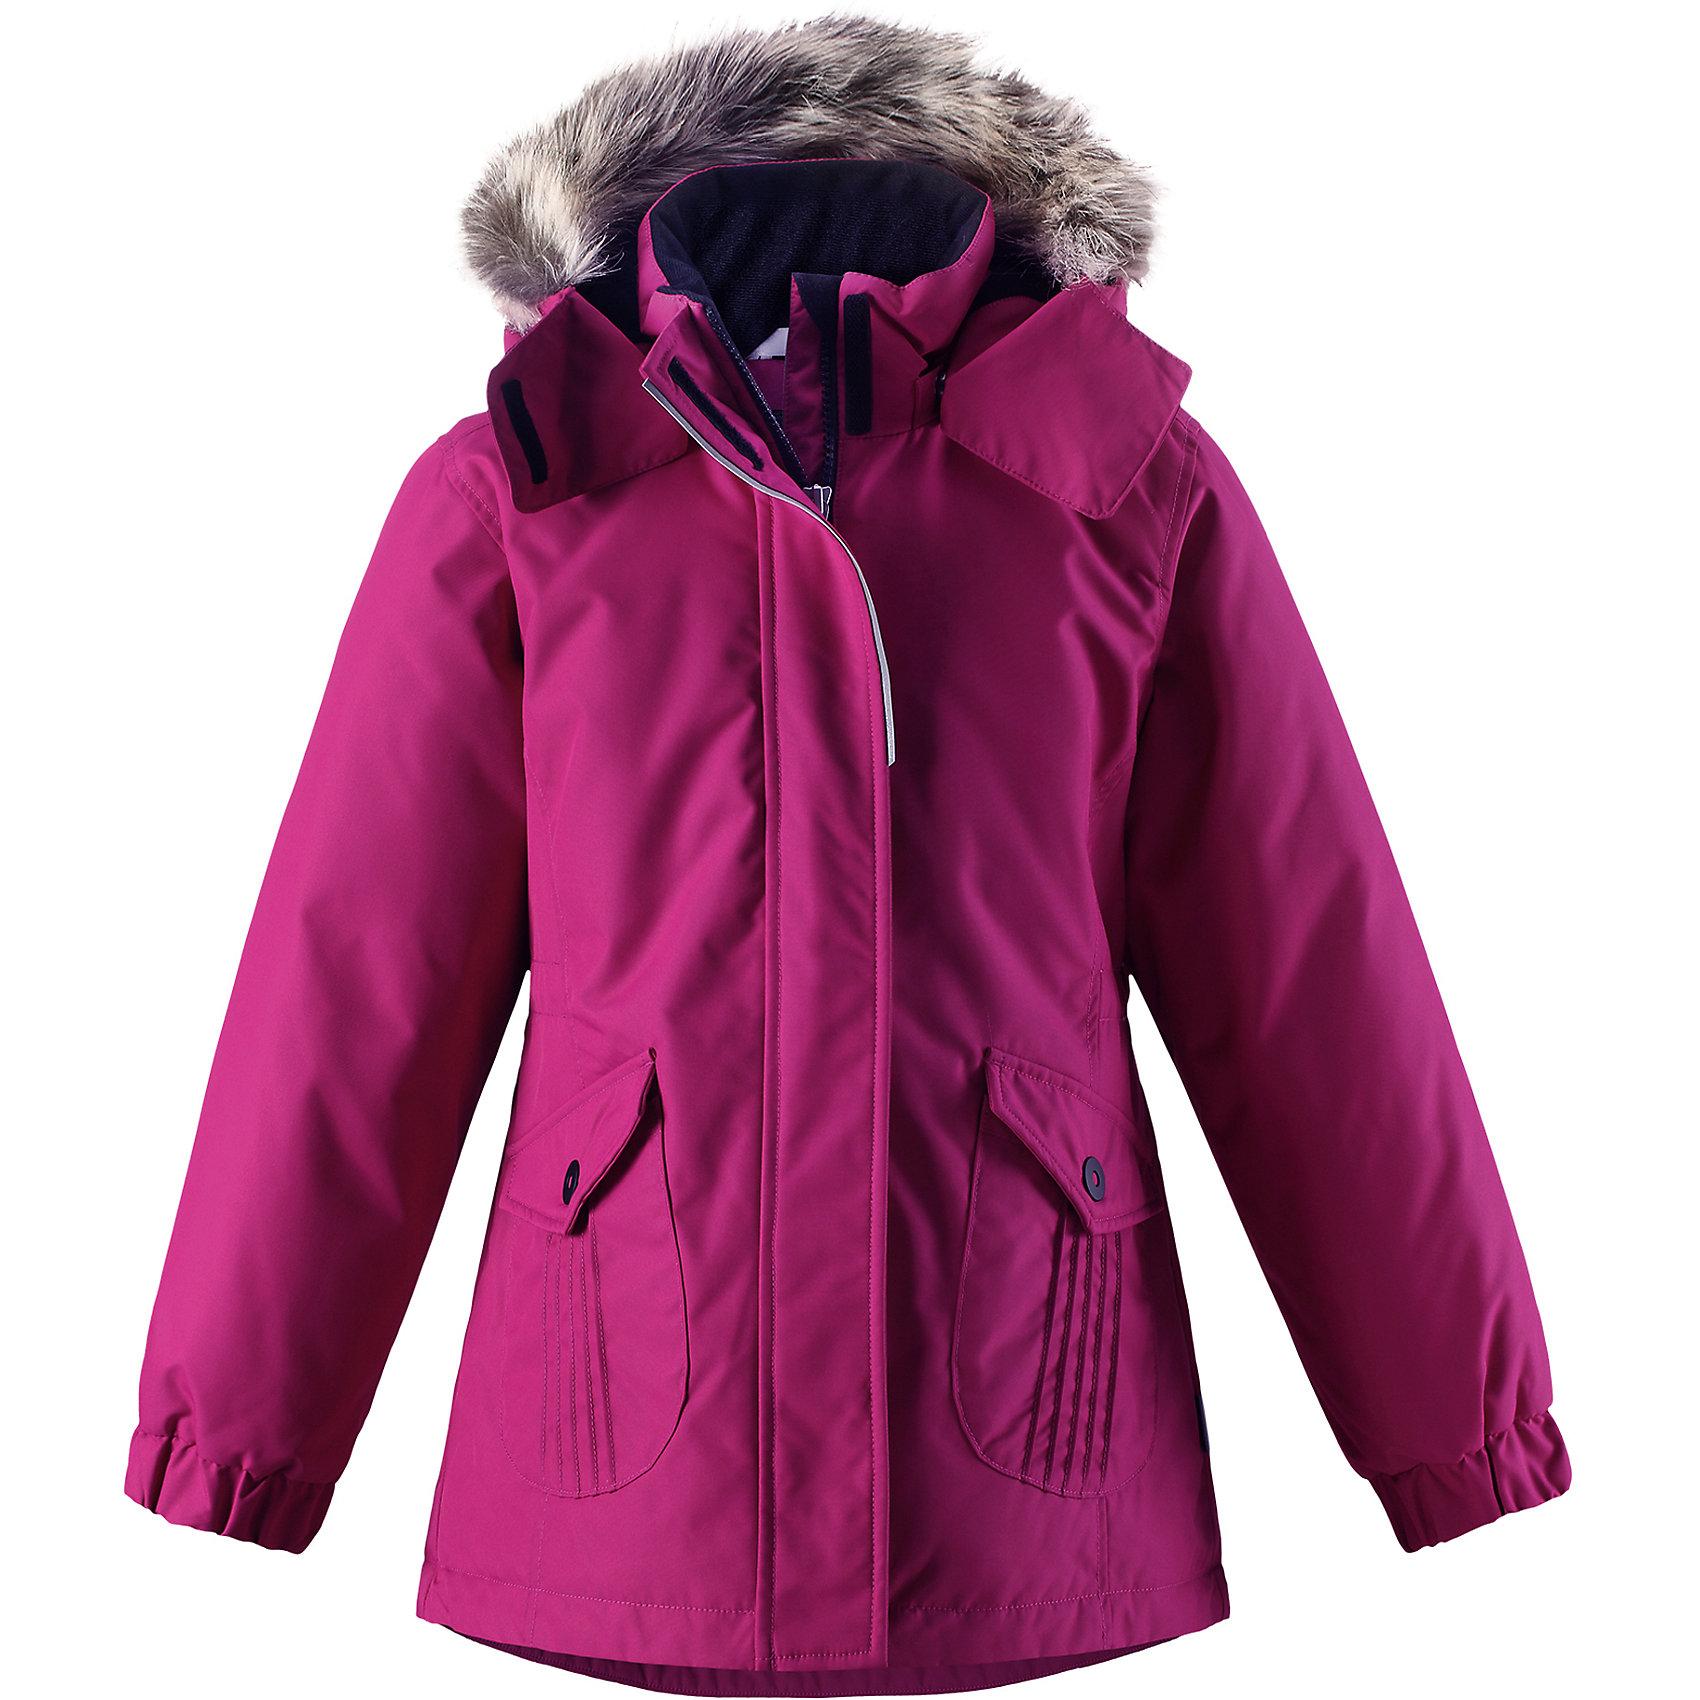 Куртка Lassie для девочкиОдежда<br>В этой стильной детской зимней куртке любители прогулок будут так хорошо выглядеть, а еще им будет очень тепло! Удлиненная модель для девочек, спереди оснащенная большими карманами с клапанами. Куртка изготовлена из ветронепроницаемого, дышащего материала с верхним водо- и грязеотталкивающим слоем – в ней будет тепло и комфортно во время веселых прогулок. Образ дополняют полезные и продуманные детали: карманы на липучках и безопасный съемный капюшон со съемной оторочкой из искусственного меха.<br>Состав:<br>100% Полиэстер<br><br>Ширина мм: 356<br>Глубина мм: 10<br>Высота мм: 245<br>Вес г: 519<br>Цвет: розовый<br>Возраст от месяцев: 108<br>Возраст до месяцев: 120<br>Пол: Женский<br>Возраст: Детский<br>Размер: 140,92,98,104,110,116,122,128,134<br>SKU: 6927531